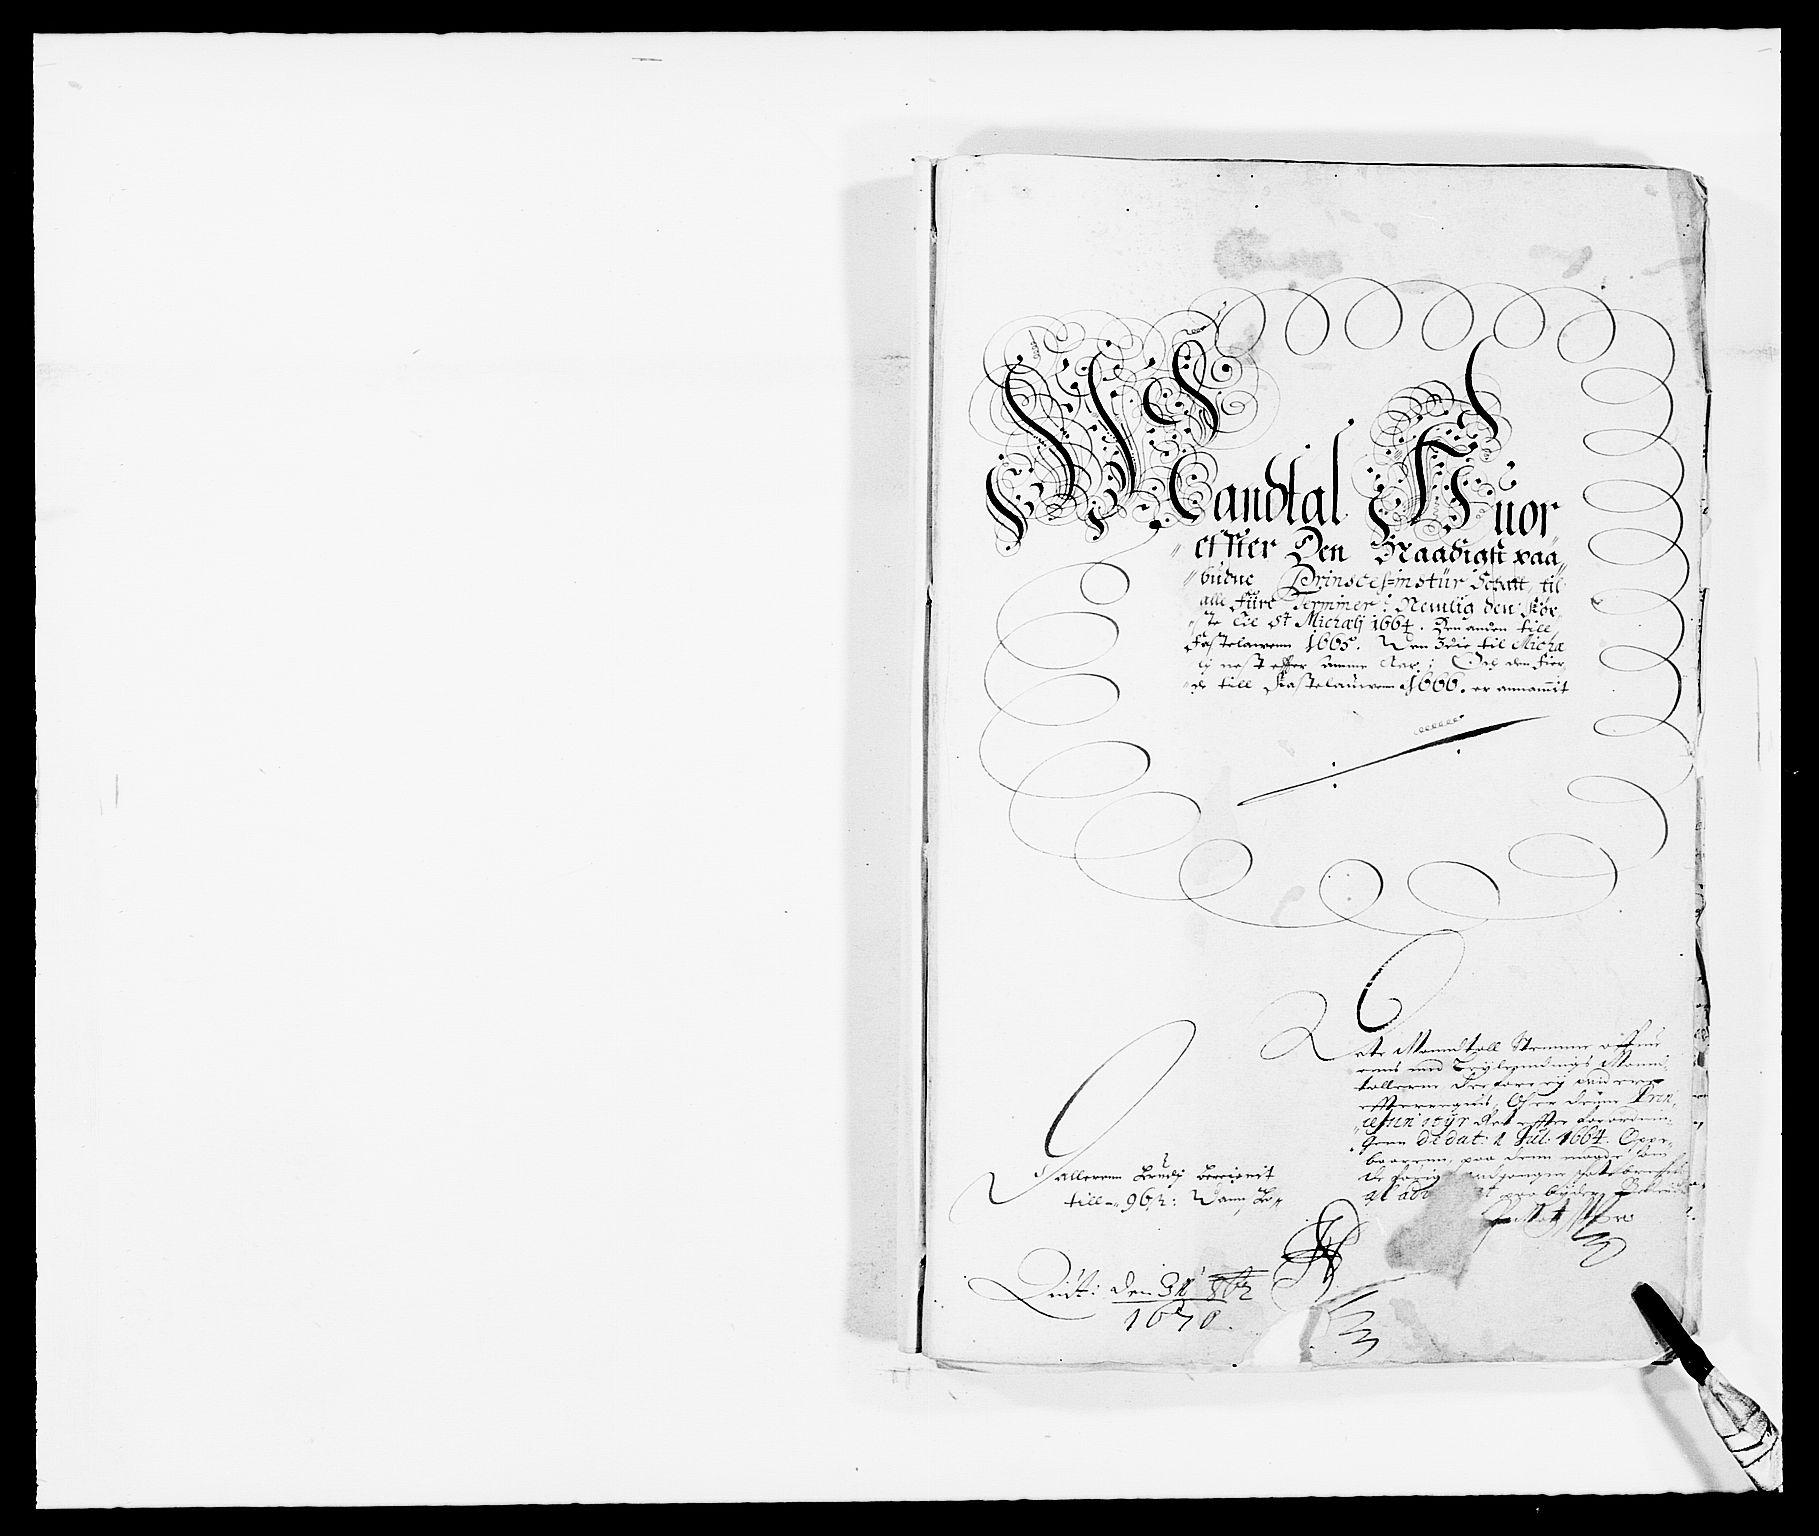 RA, Rentekammeret inntil 1814, Reviderte regnskaper, Fogderegnskap, R35/L2056: Fogderegnskap Øvre og Nedre Telemark, 1665, s. 256